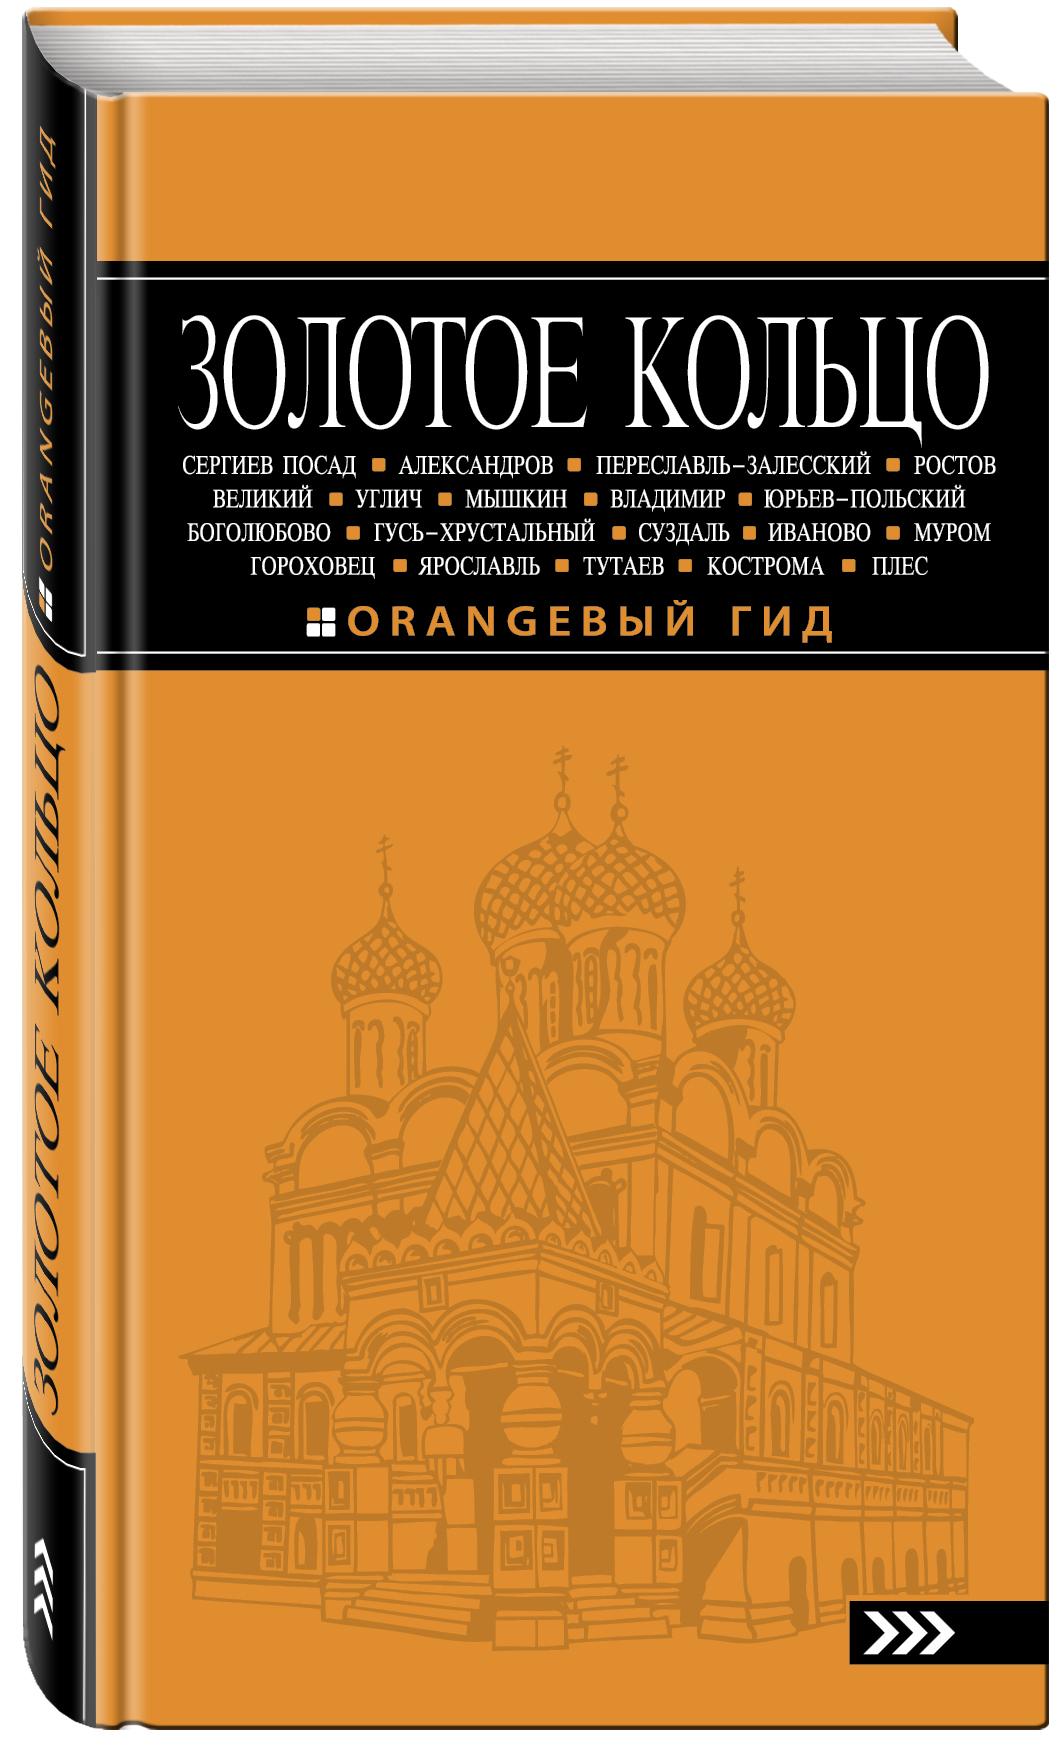 Богданова С.Ю. Золотое кольцо: путеводитель. 5-е изд., испр. и доп.